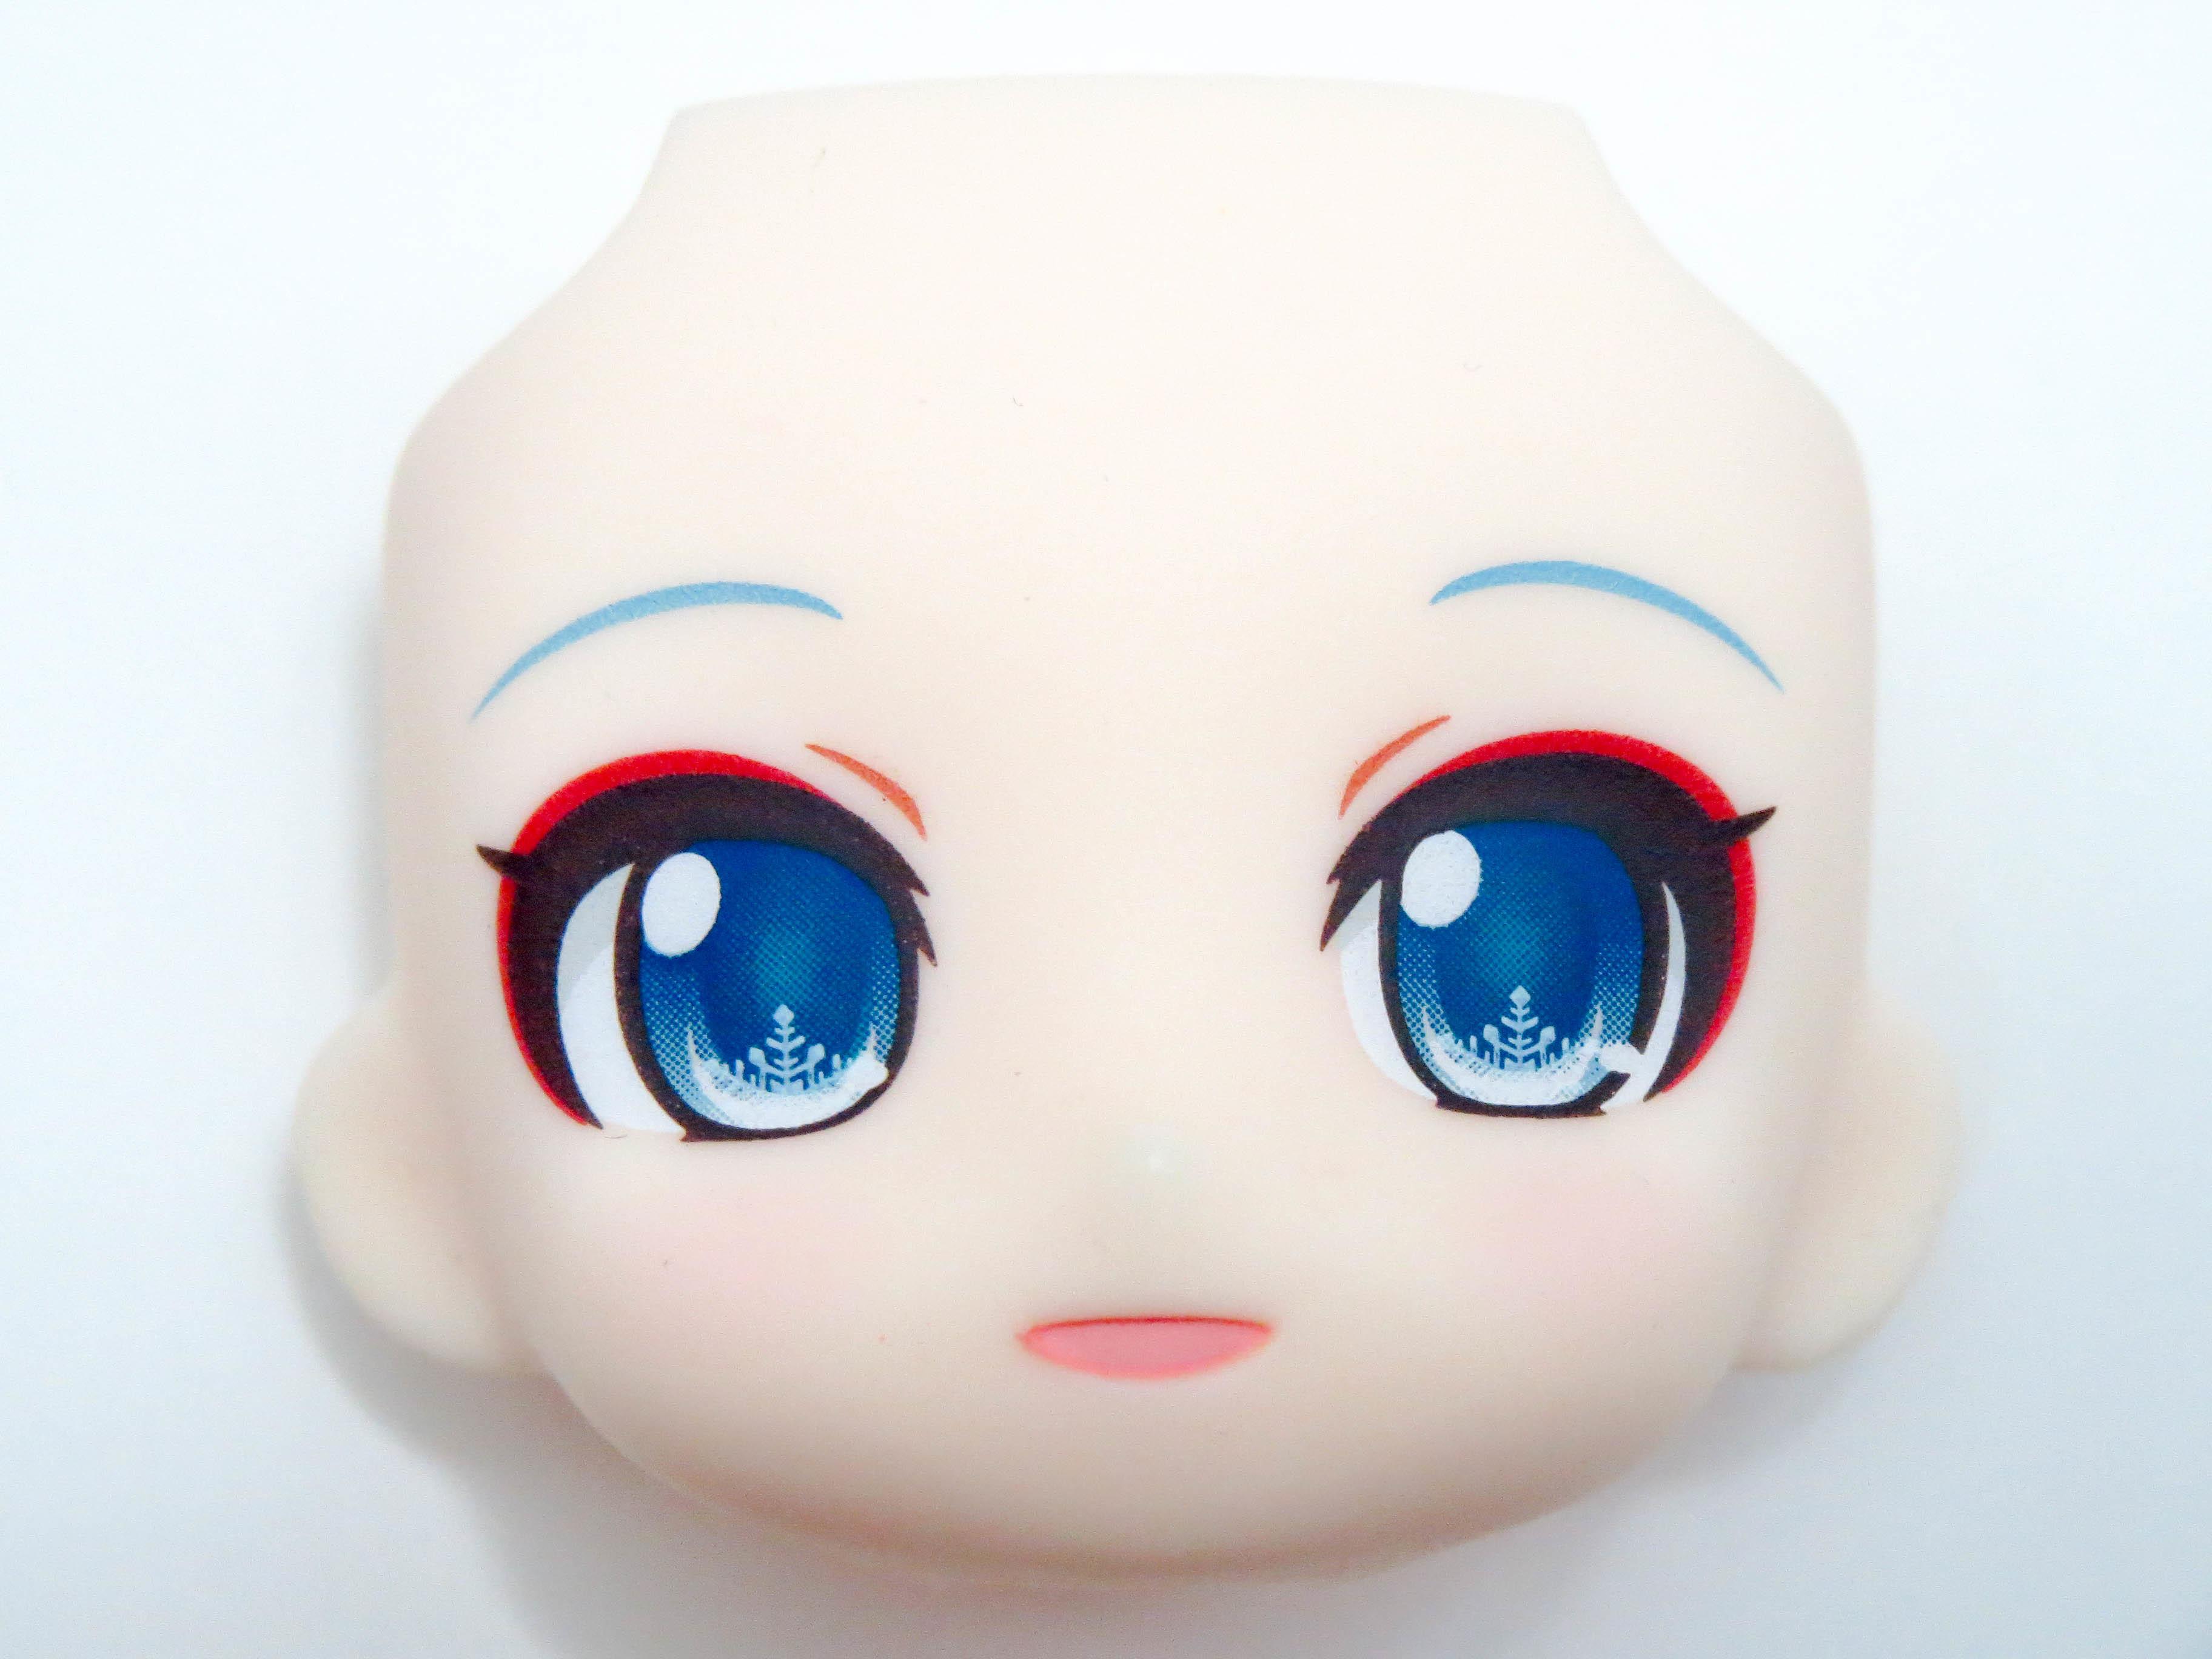 【SALE】【850】 雪ミク タンチョウ巫女Ver. 顔パーツ 微笑み顔 ねんどろいど